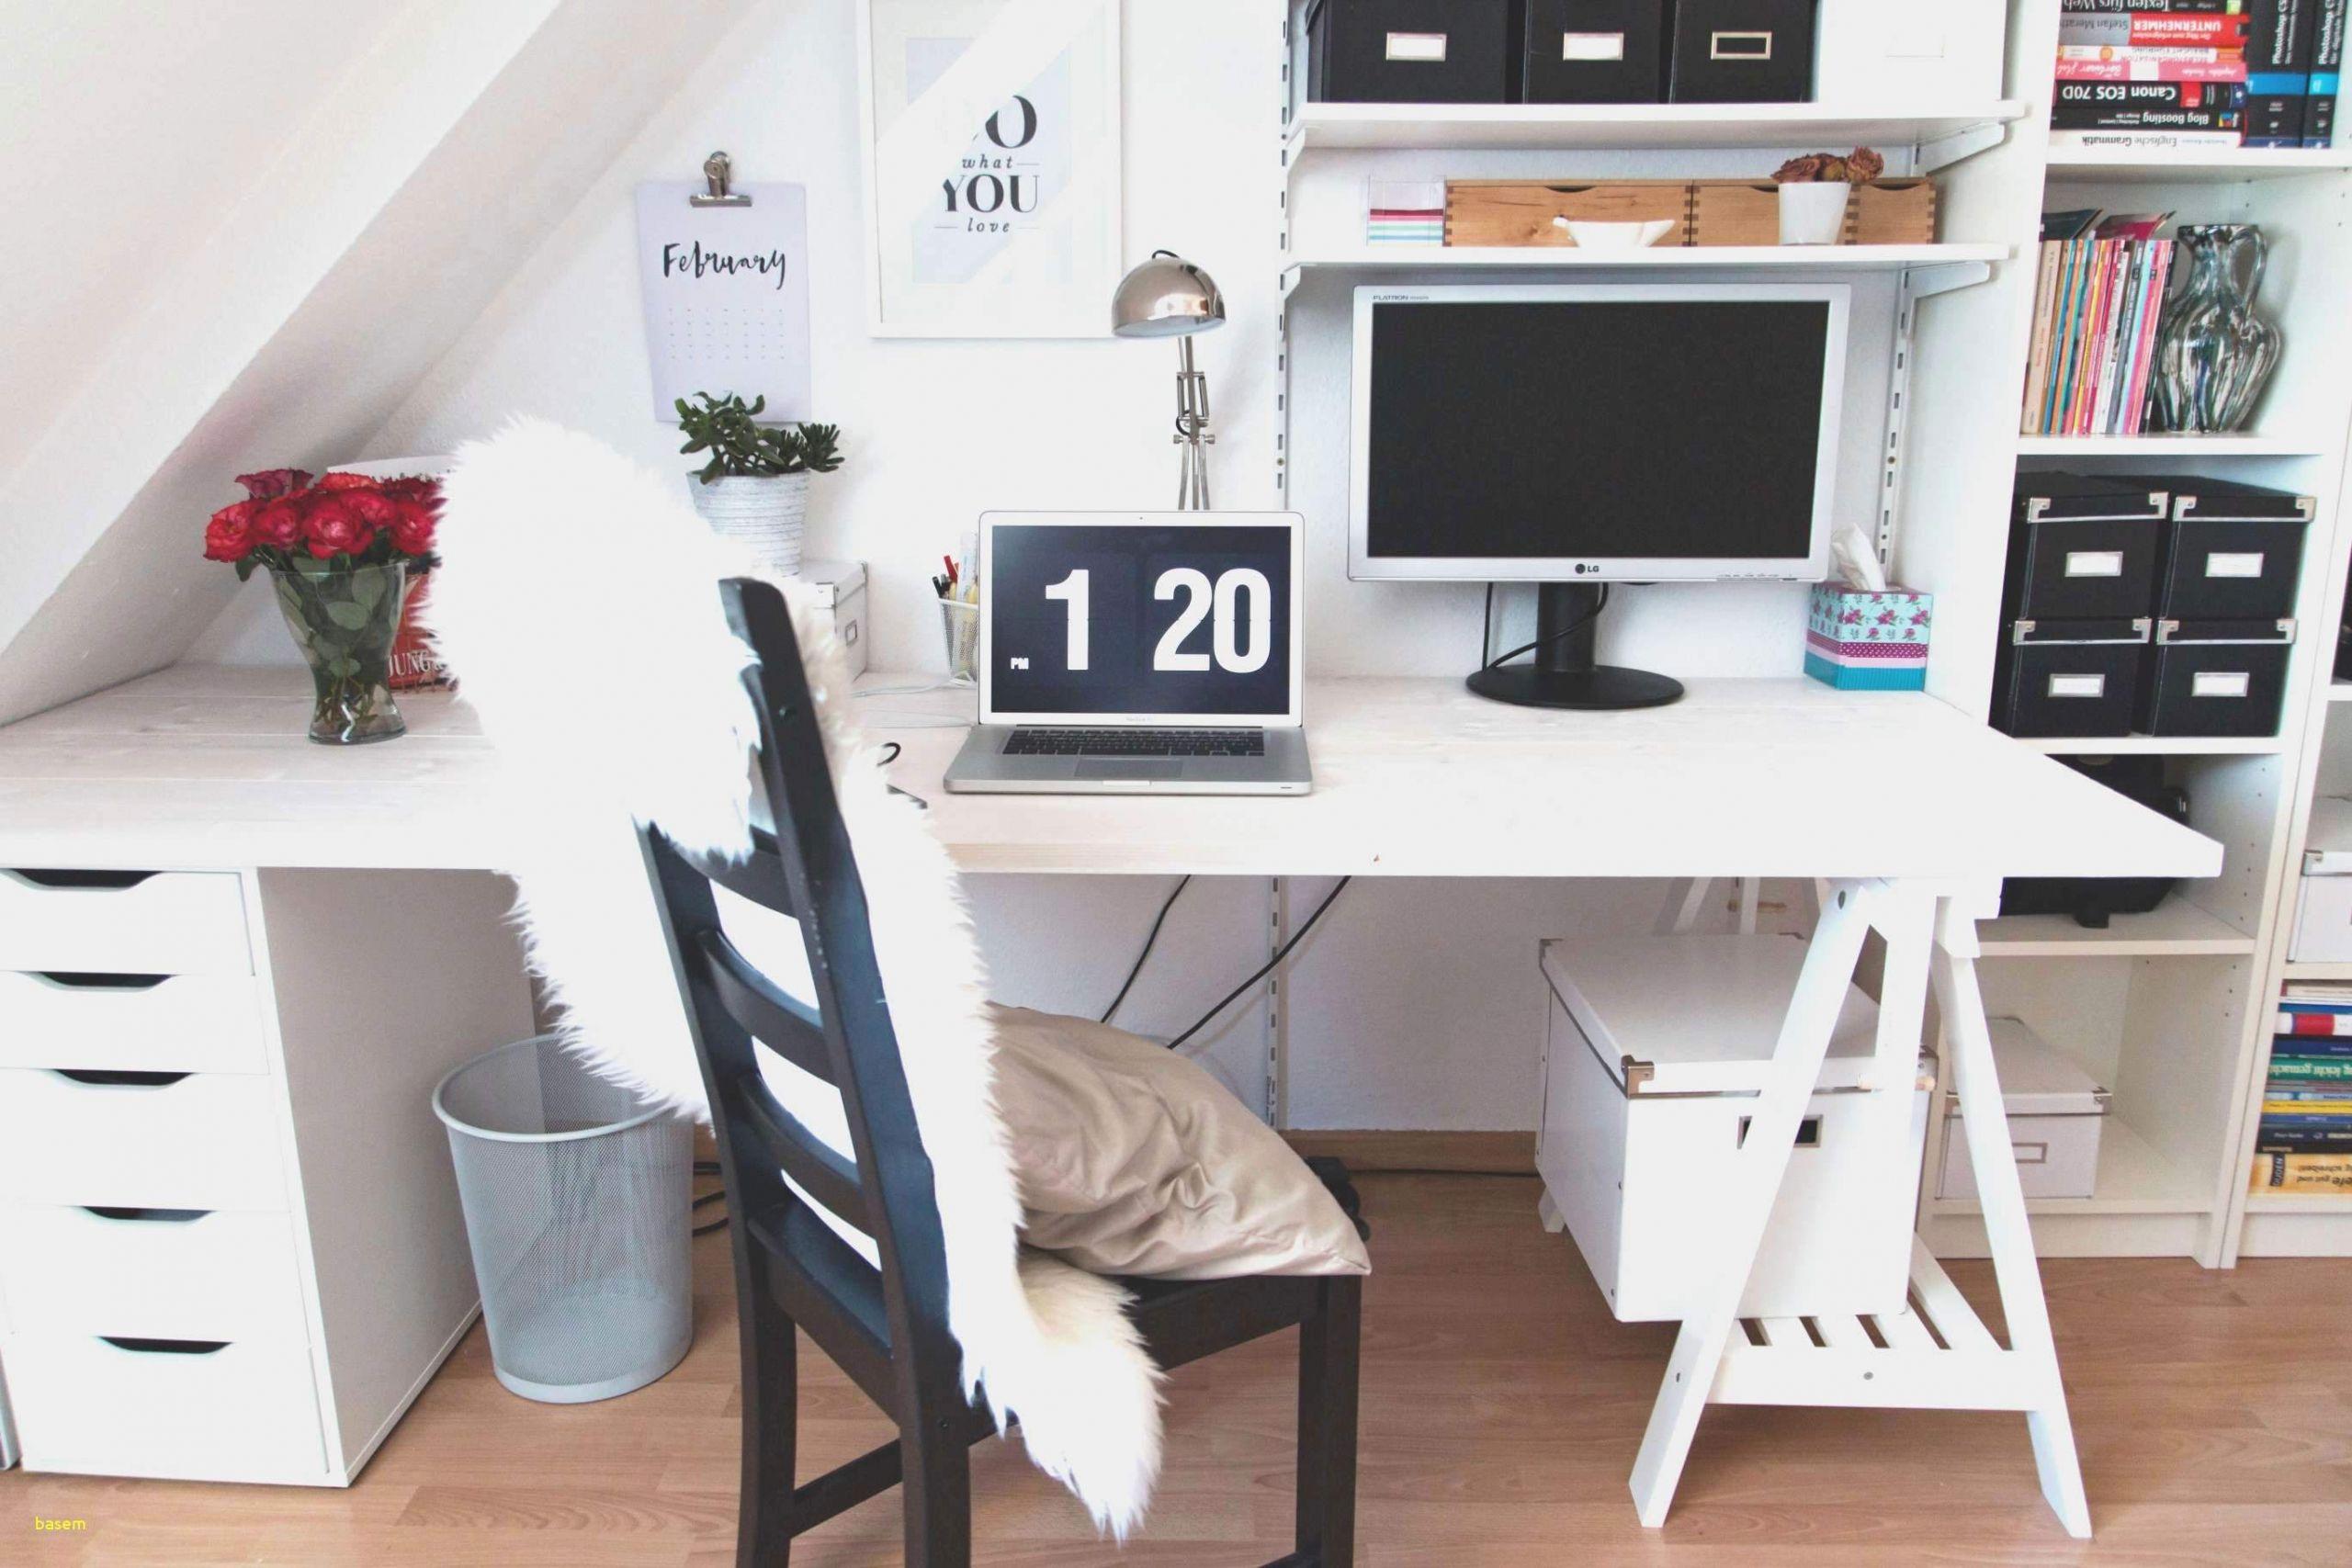 diy wohnzimmer elegant weihnachtsdeko xxl deko ideen diy attraktiv regal of diy wohnzimmer scaled